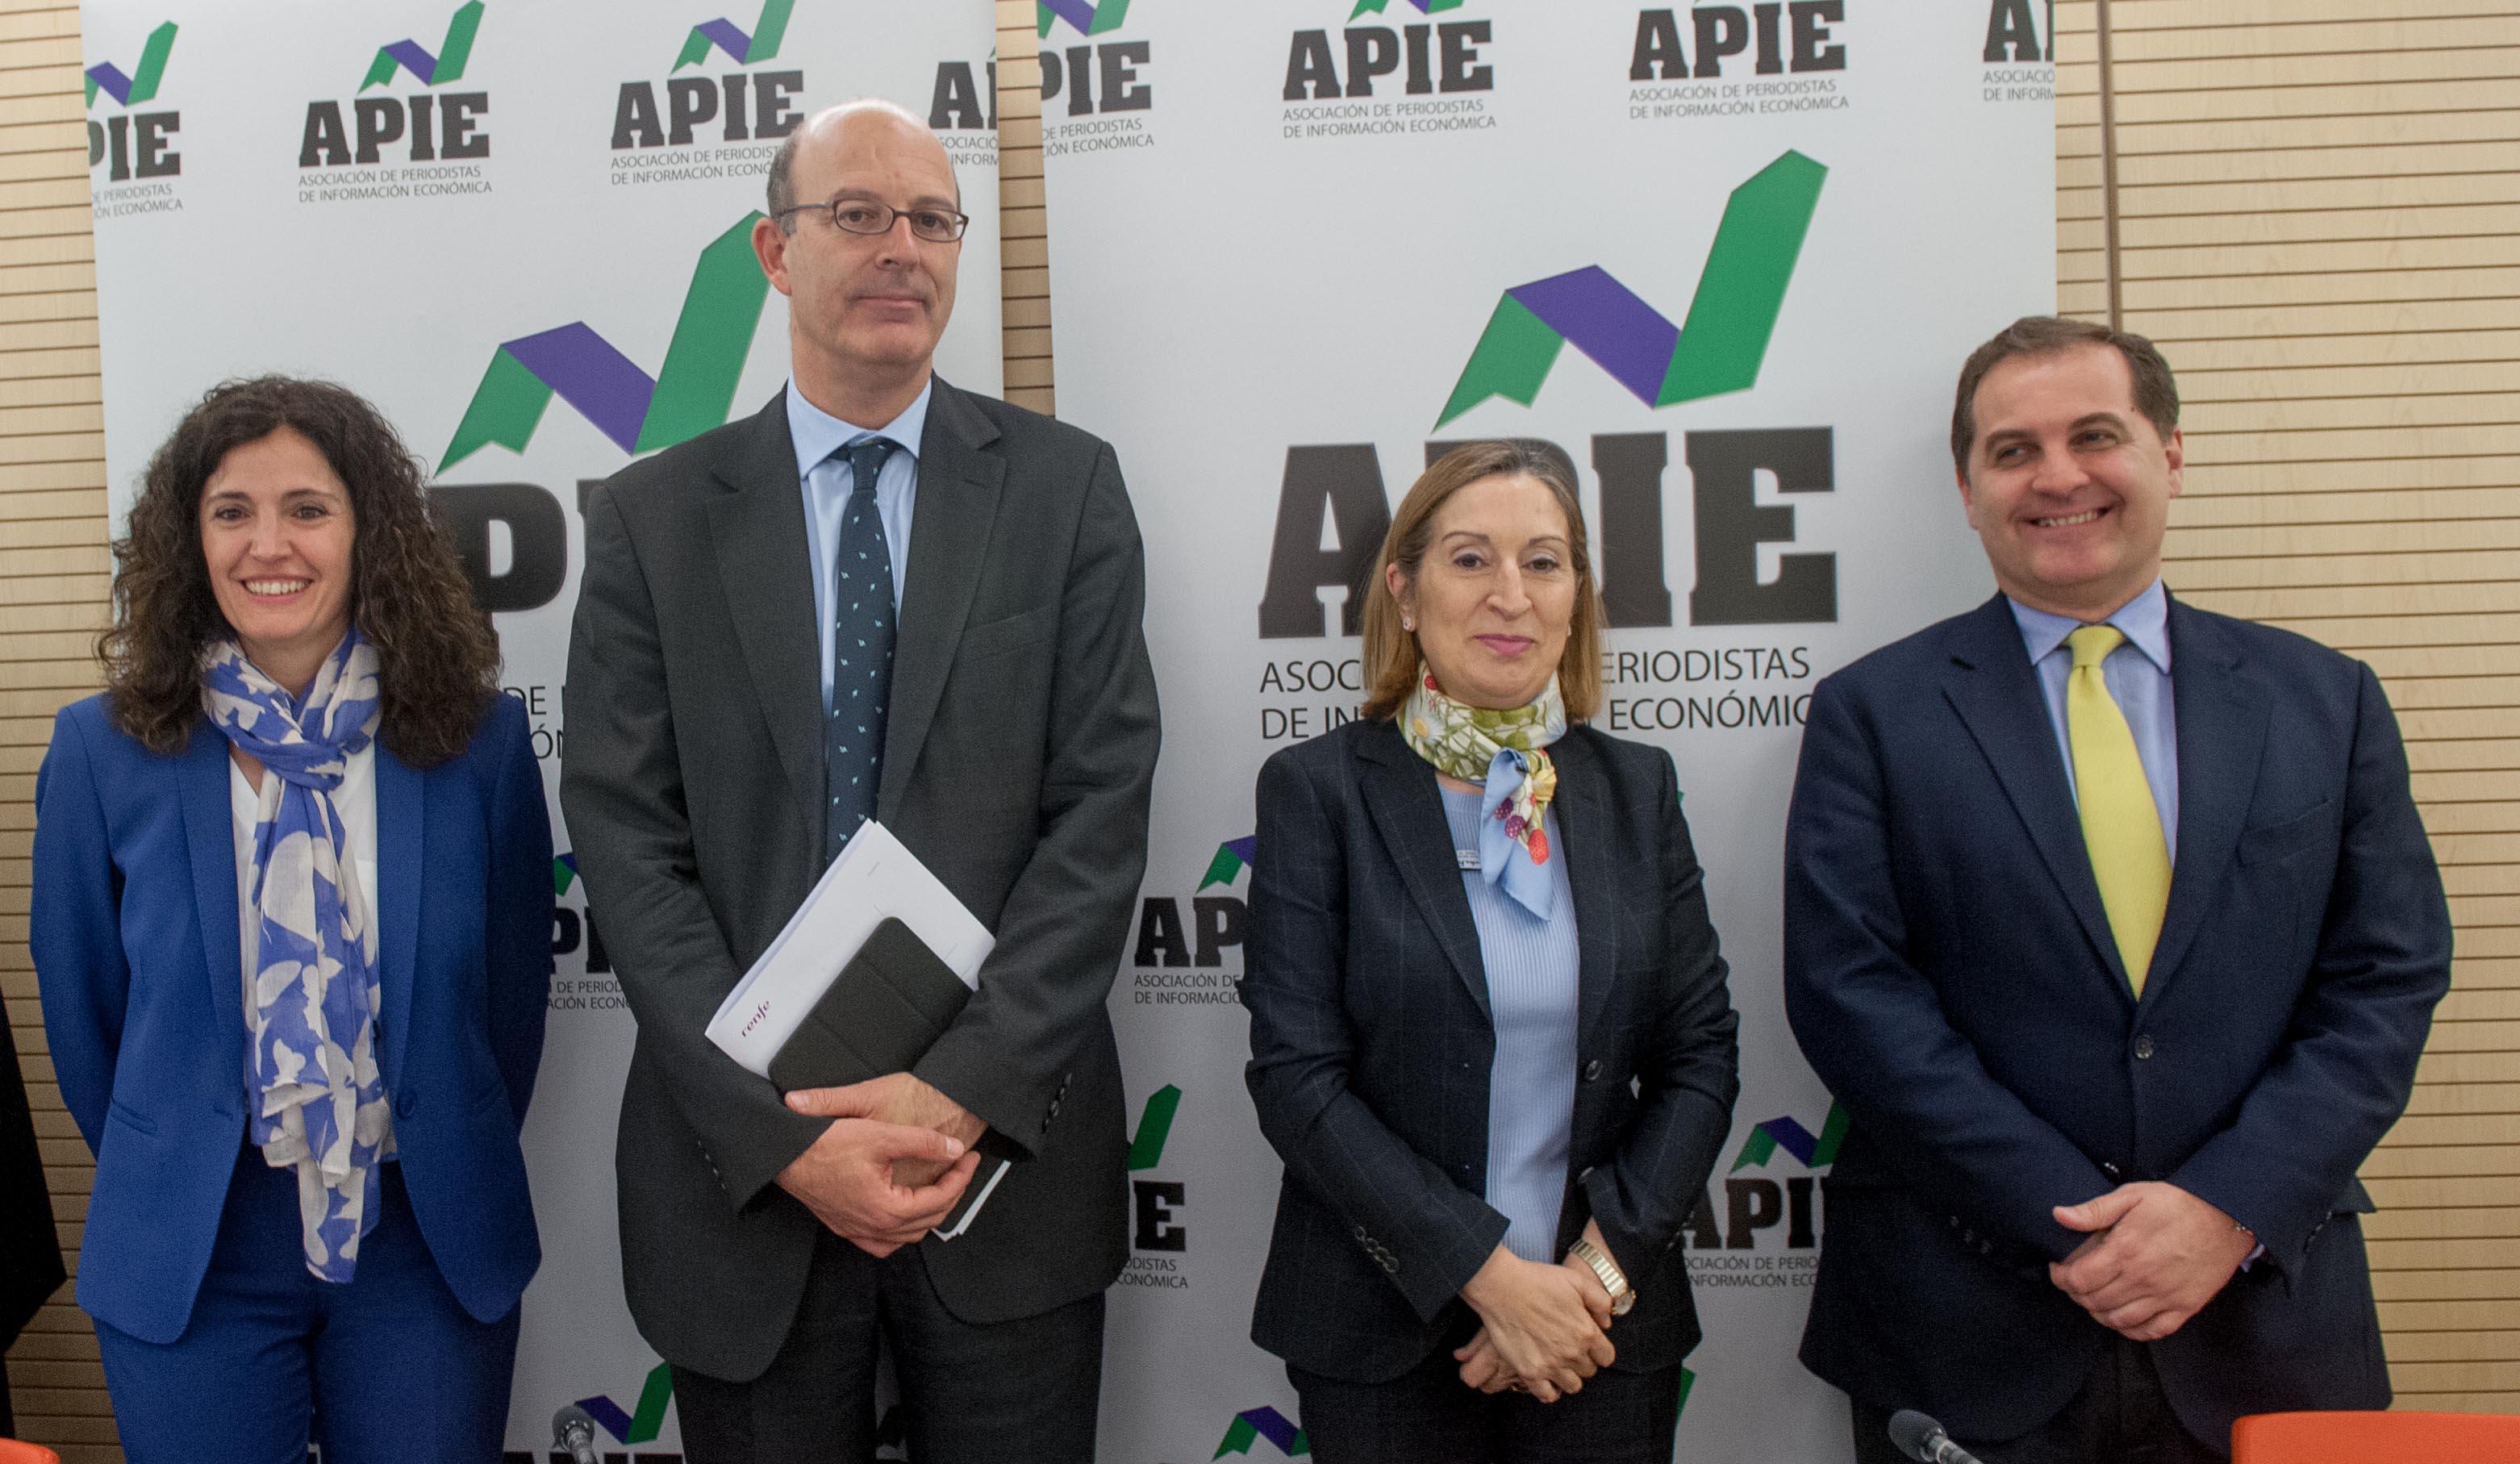 De izquierda a derecha, Yolanda Gómez Rojo, vicepresidenta de APIE, Pablo Vázquez, presidente de RENFE, Ana Pastor, Ministra de Fomento, y José Manuel Vargas, presidente de AENA.